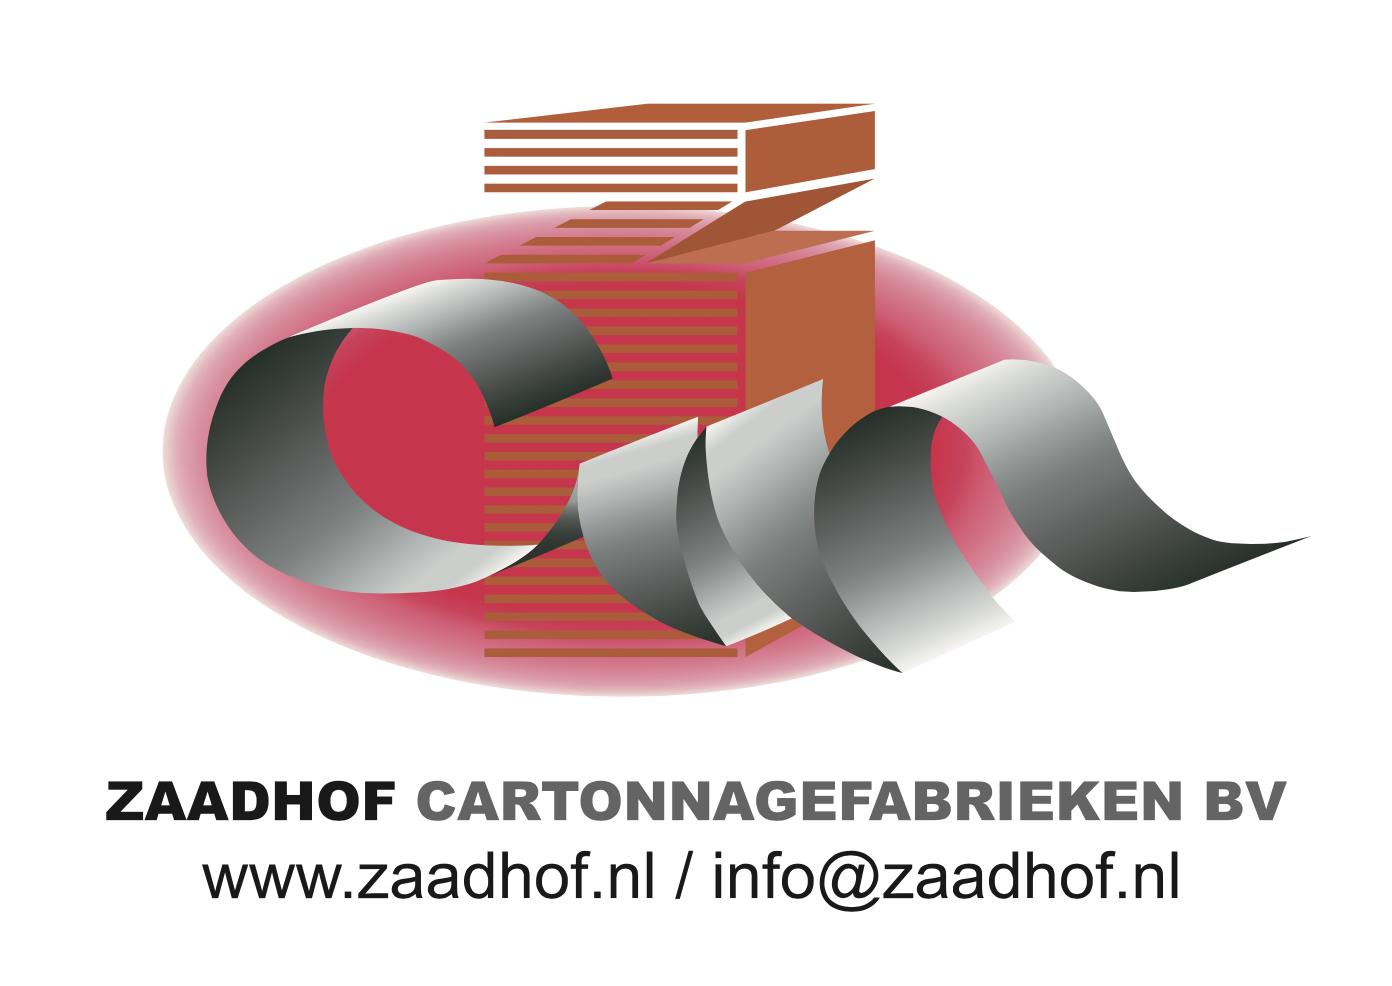 ZAADHOF CARTONNAGE FABRIEKEN B.V.